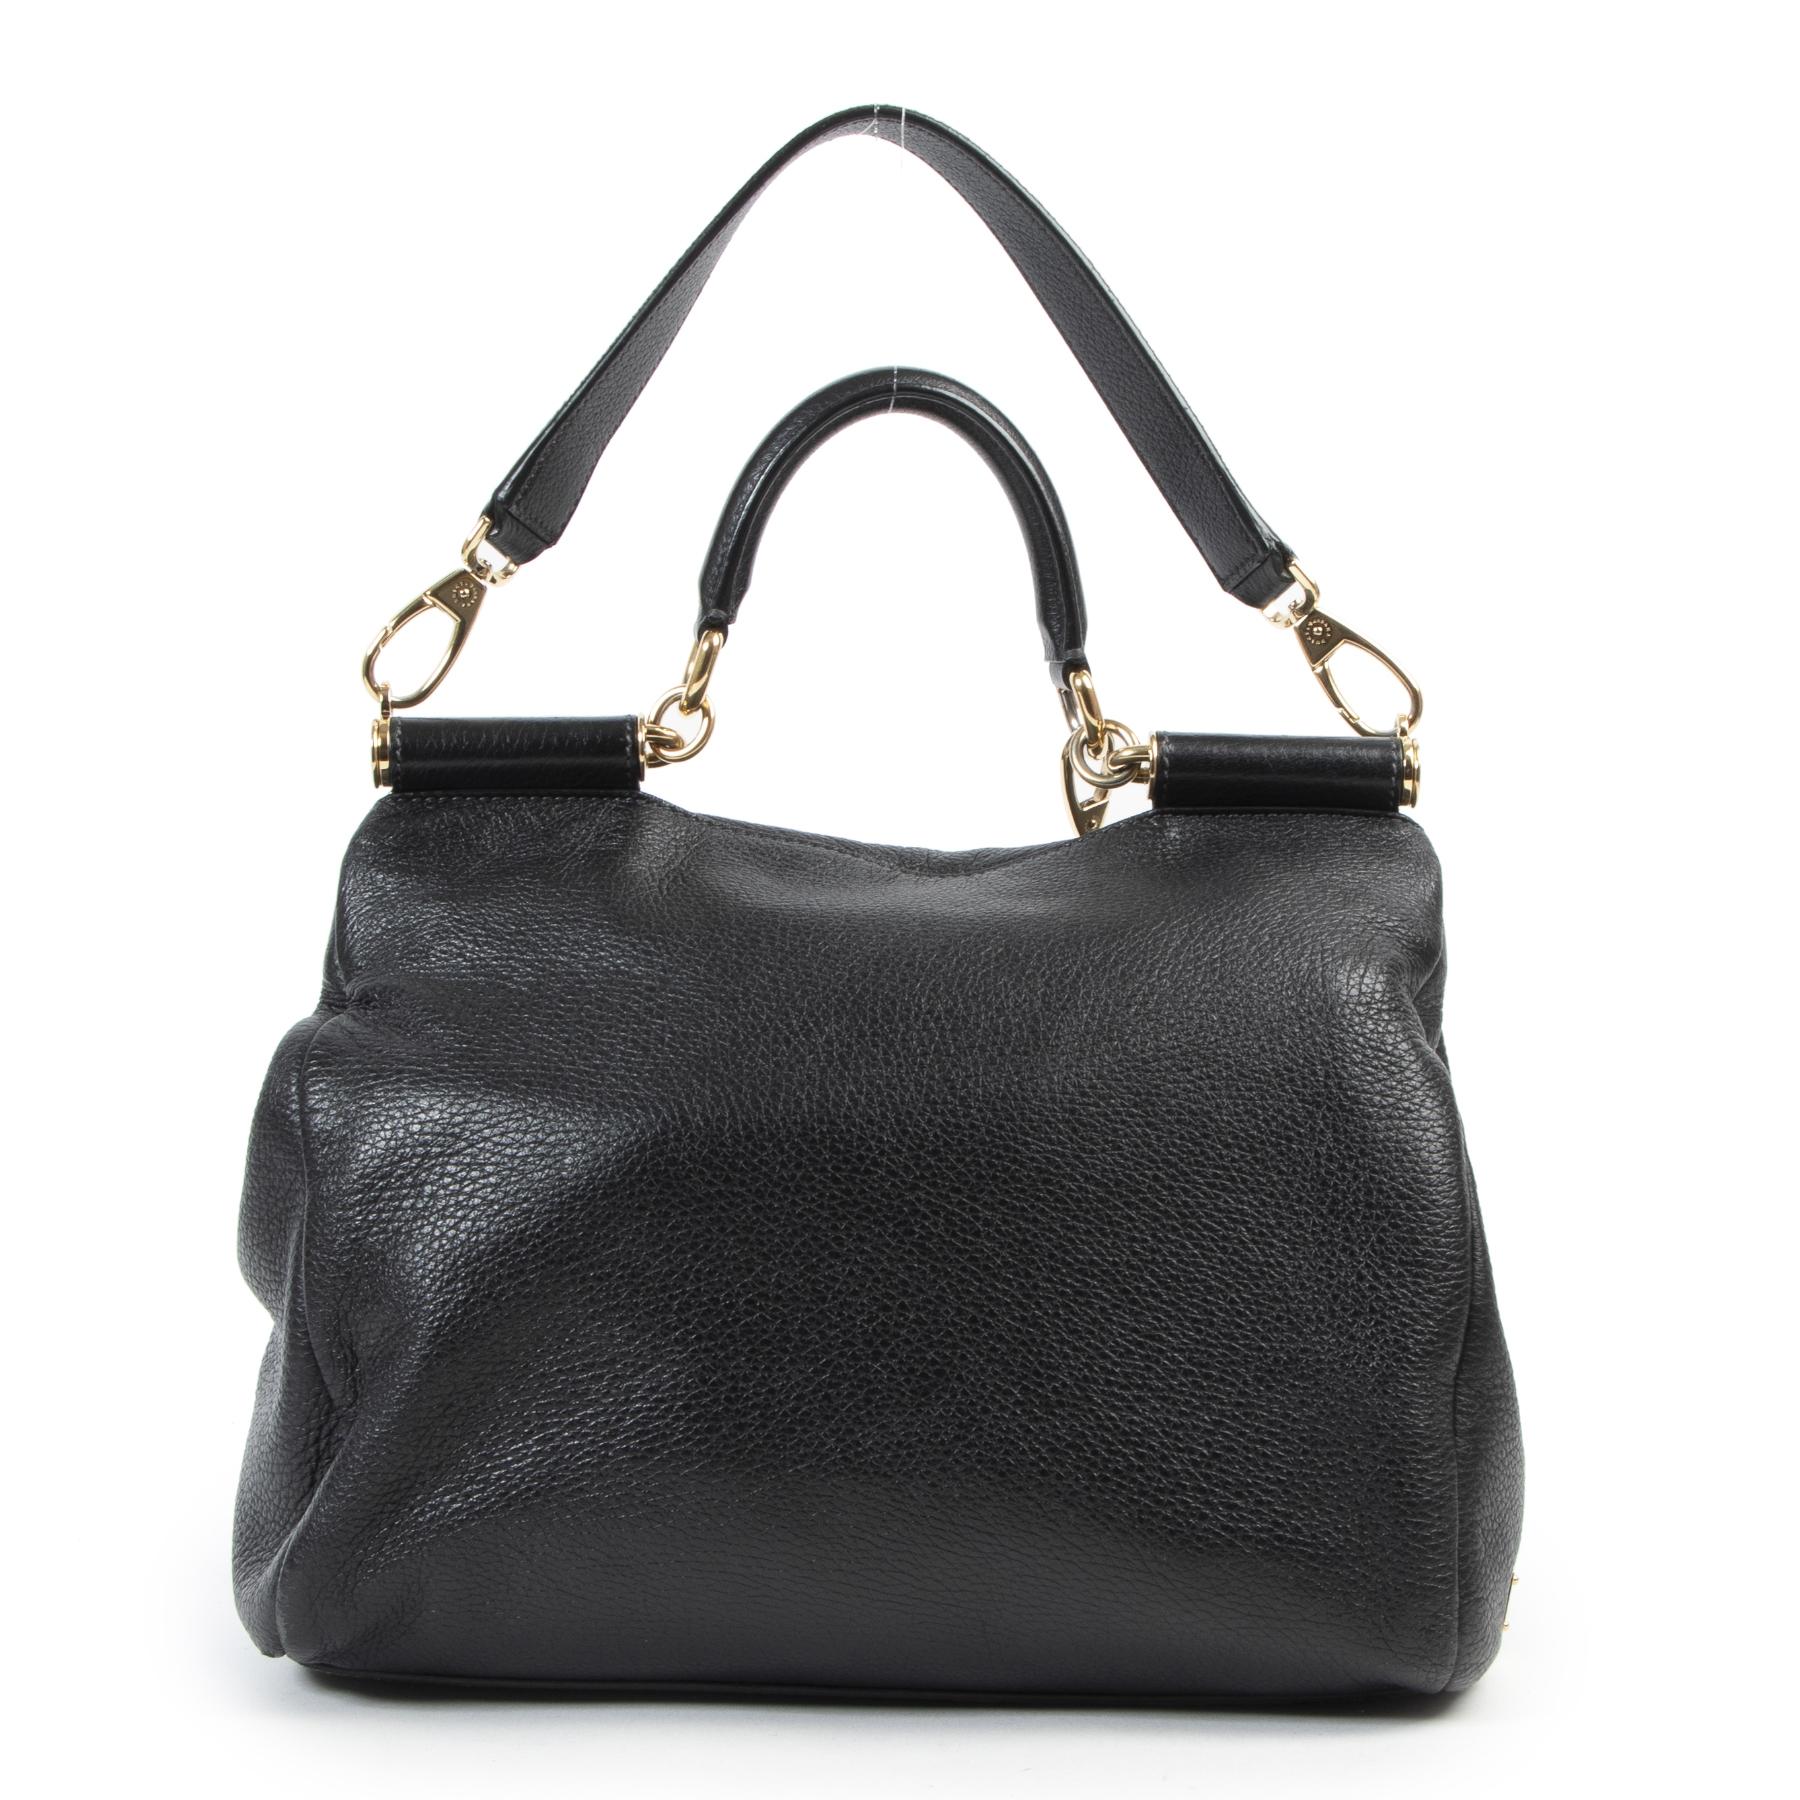 Authentieke Tweedehands Dolce & Gabbana Black Leather Shoulder Bag juiste prijs veilig online shoppen luxe merken webshop winkelen Antwerpen België mode fashion